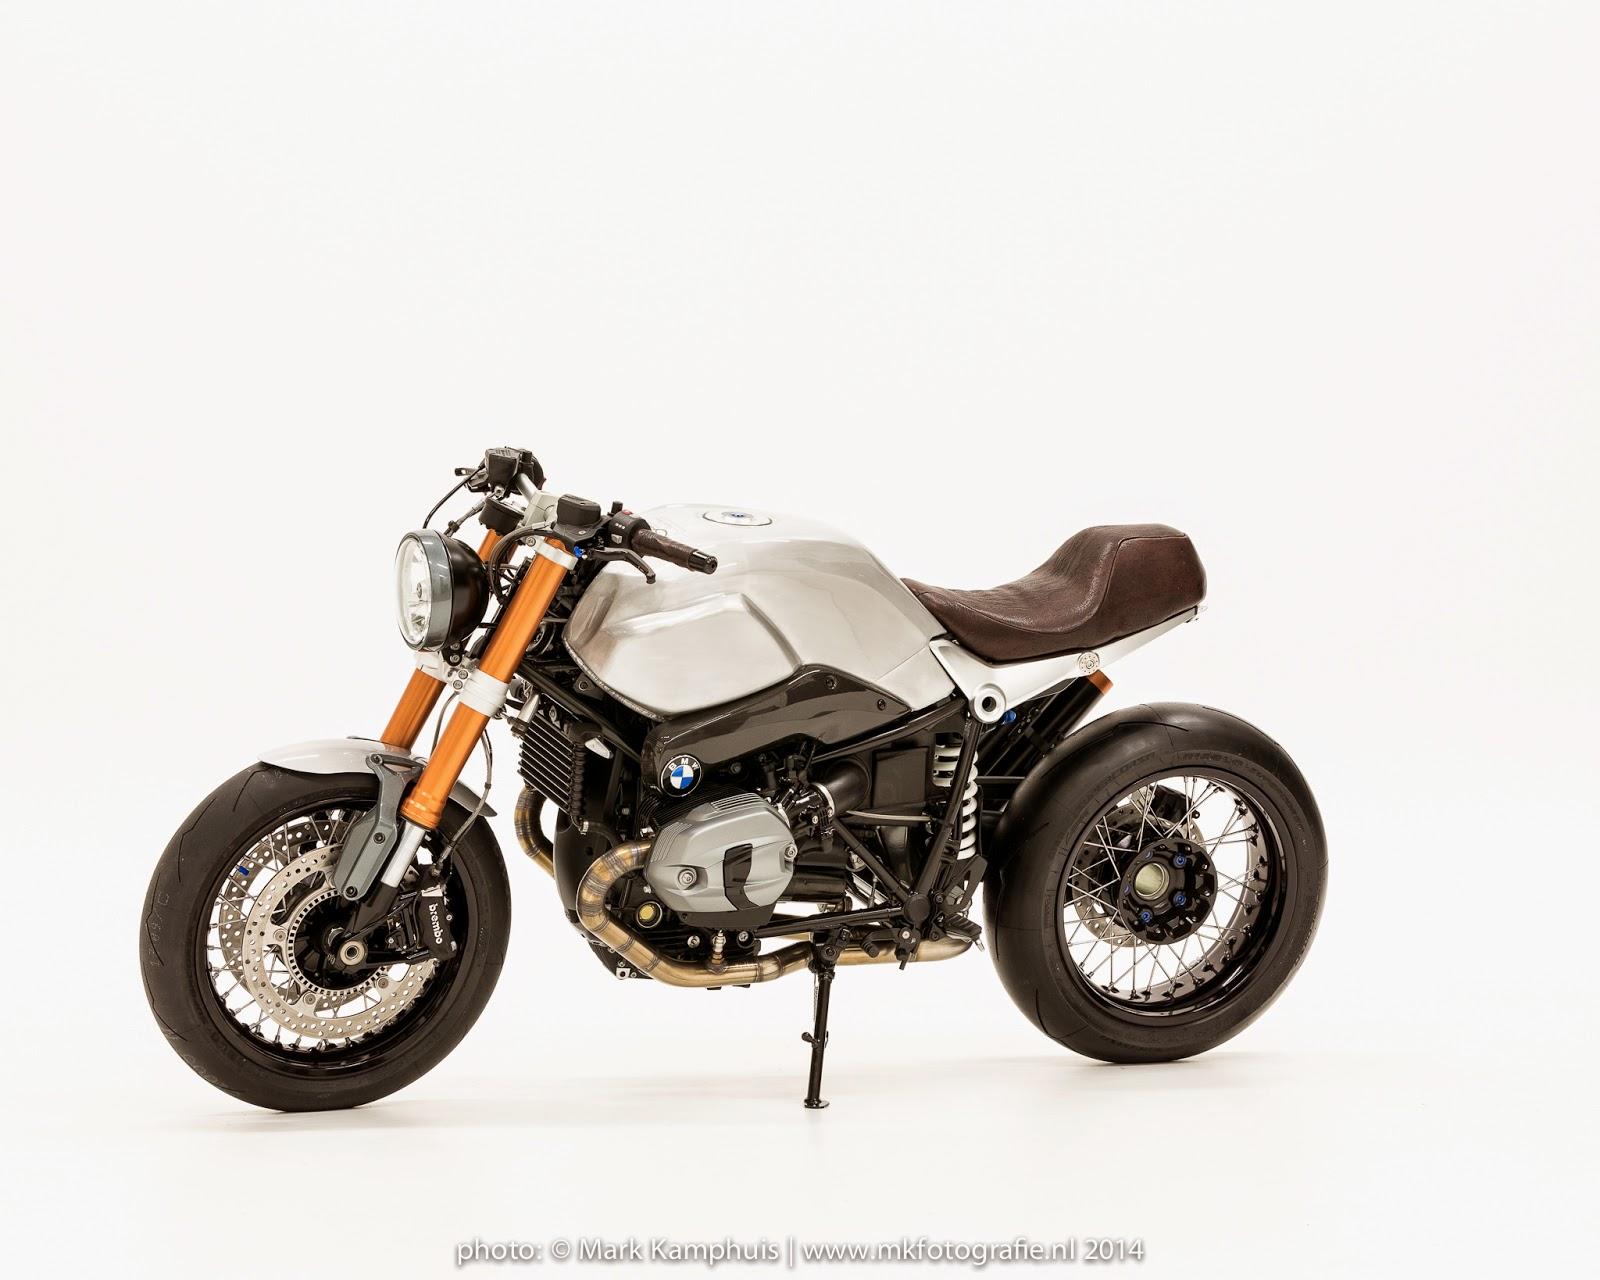 SMOKIN´ MOTORCYCLES #003 ELEGANT BASTARD - RocketGarage